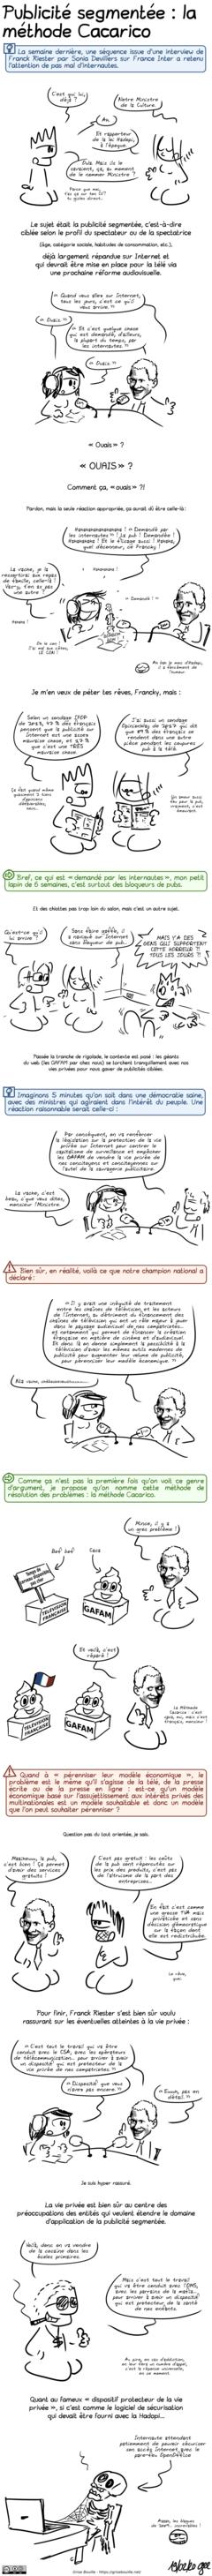 Publicité segmentée : la méthode Cacarico